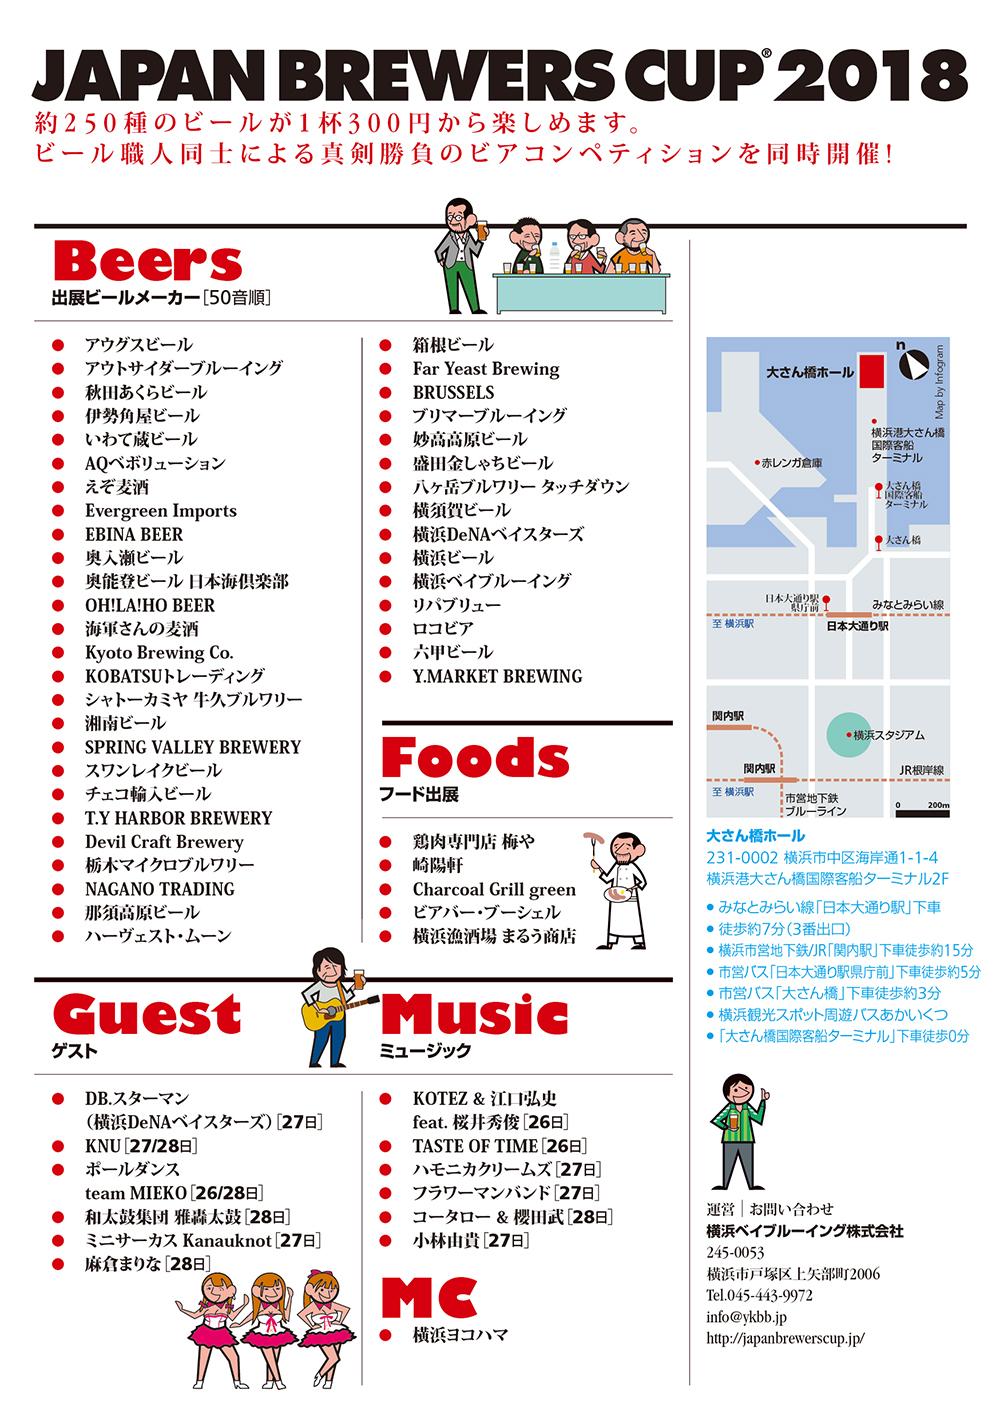 http://japanbrewerscup.jp/BrewersCup2018_Flyer_02.jpg